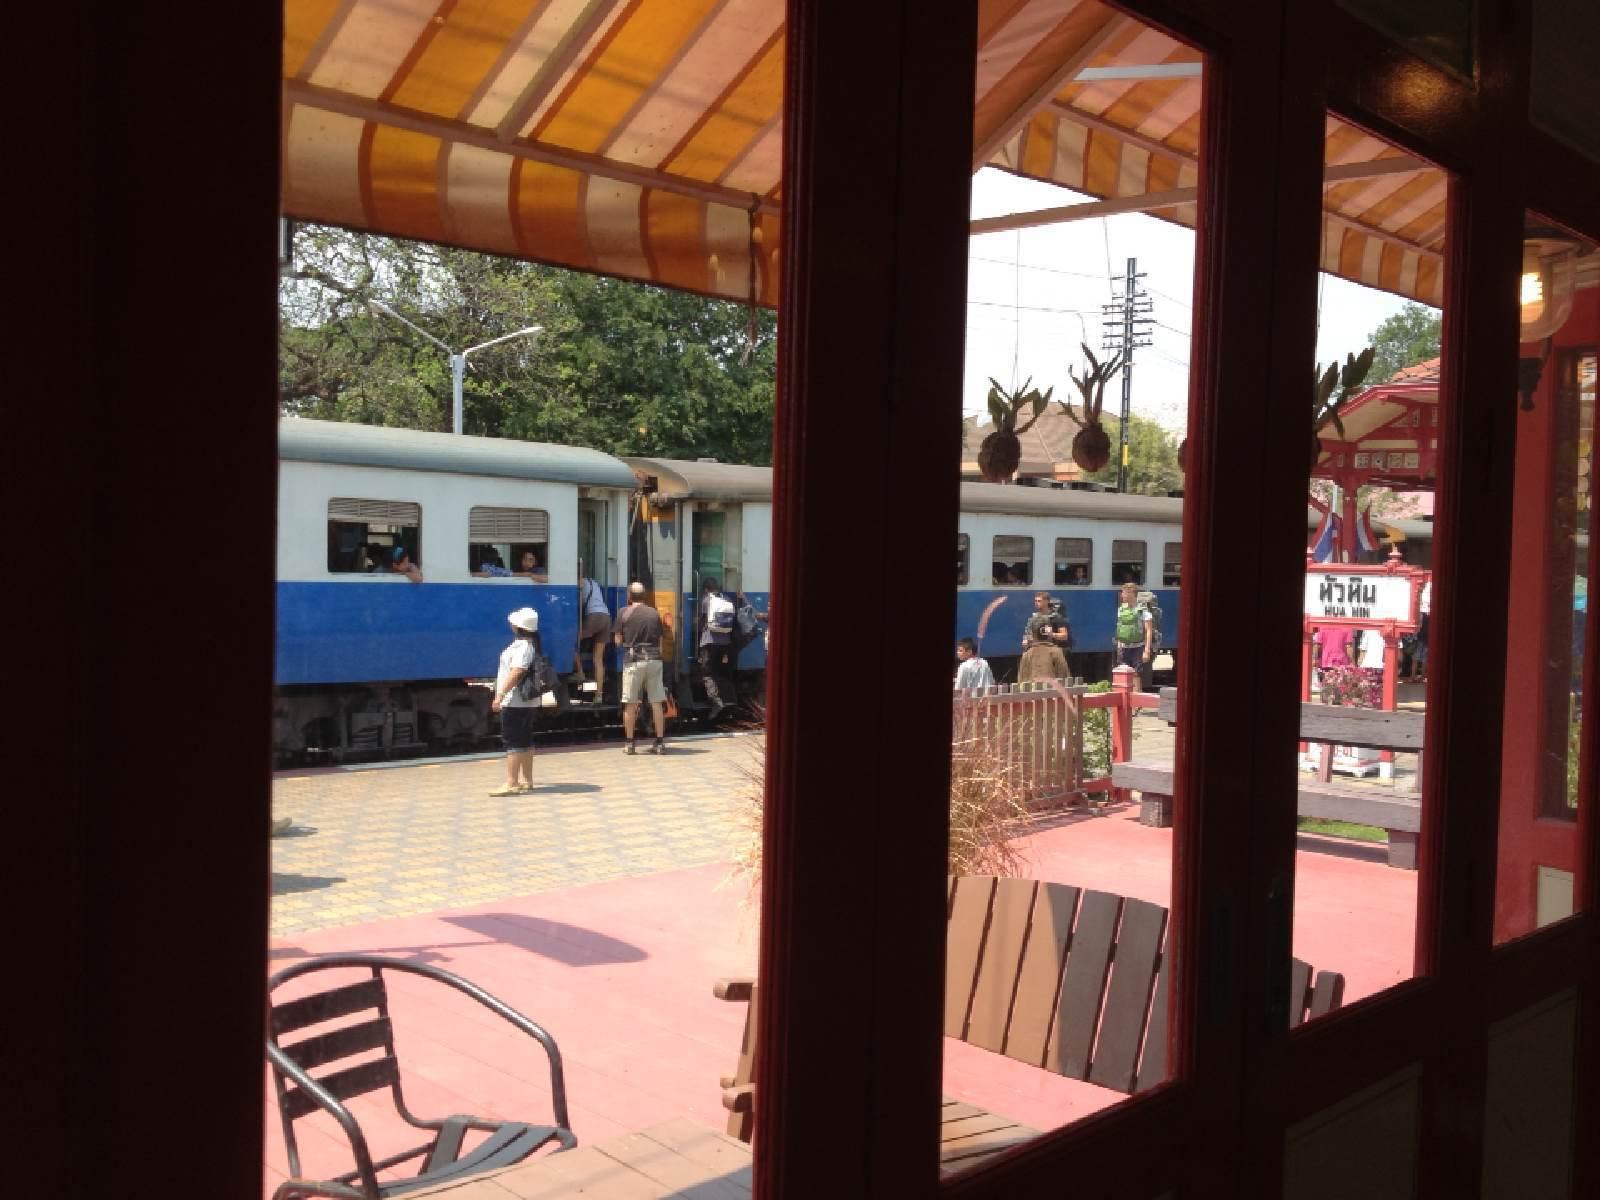 希尔顿华欣度假村 44泰铢的火车票